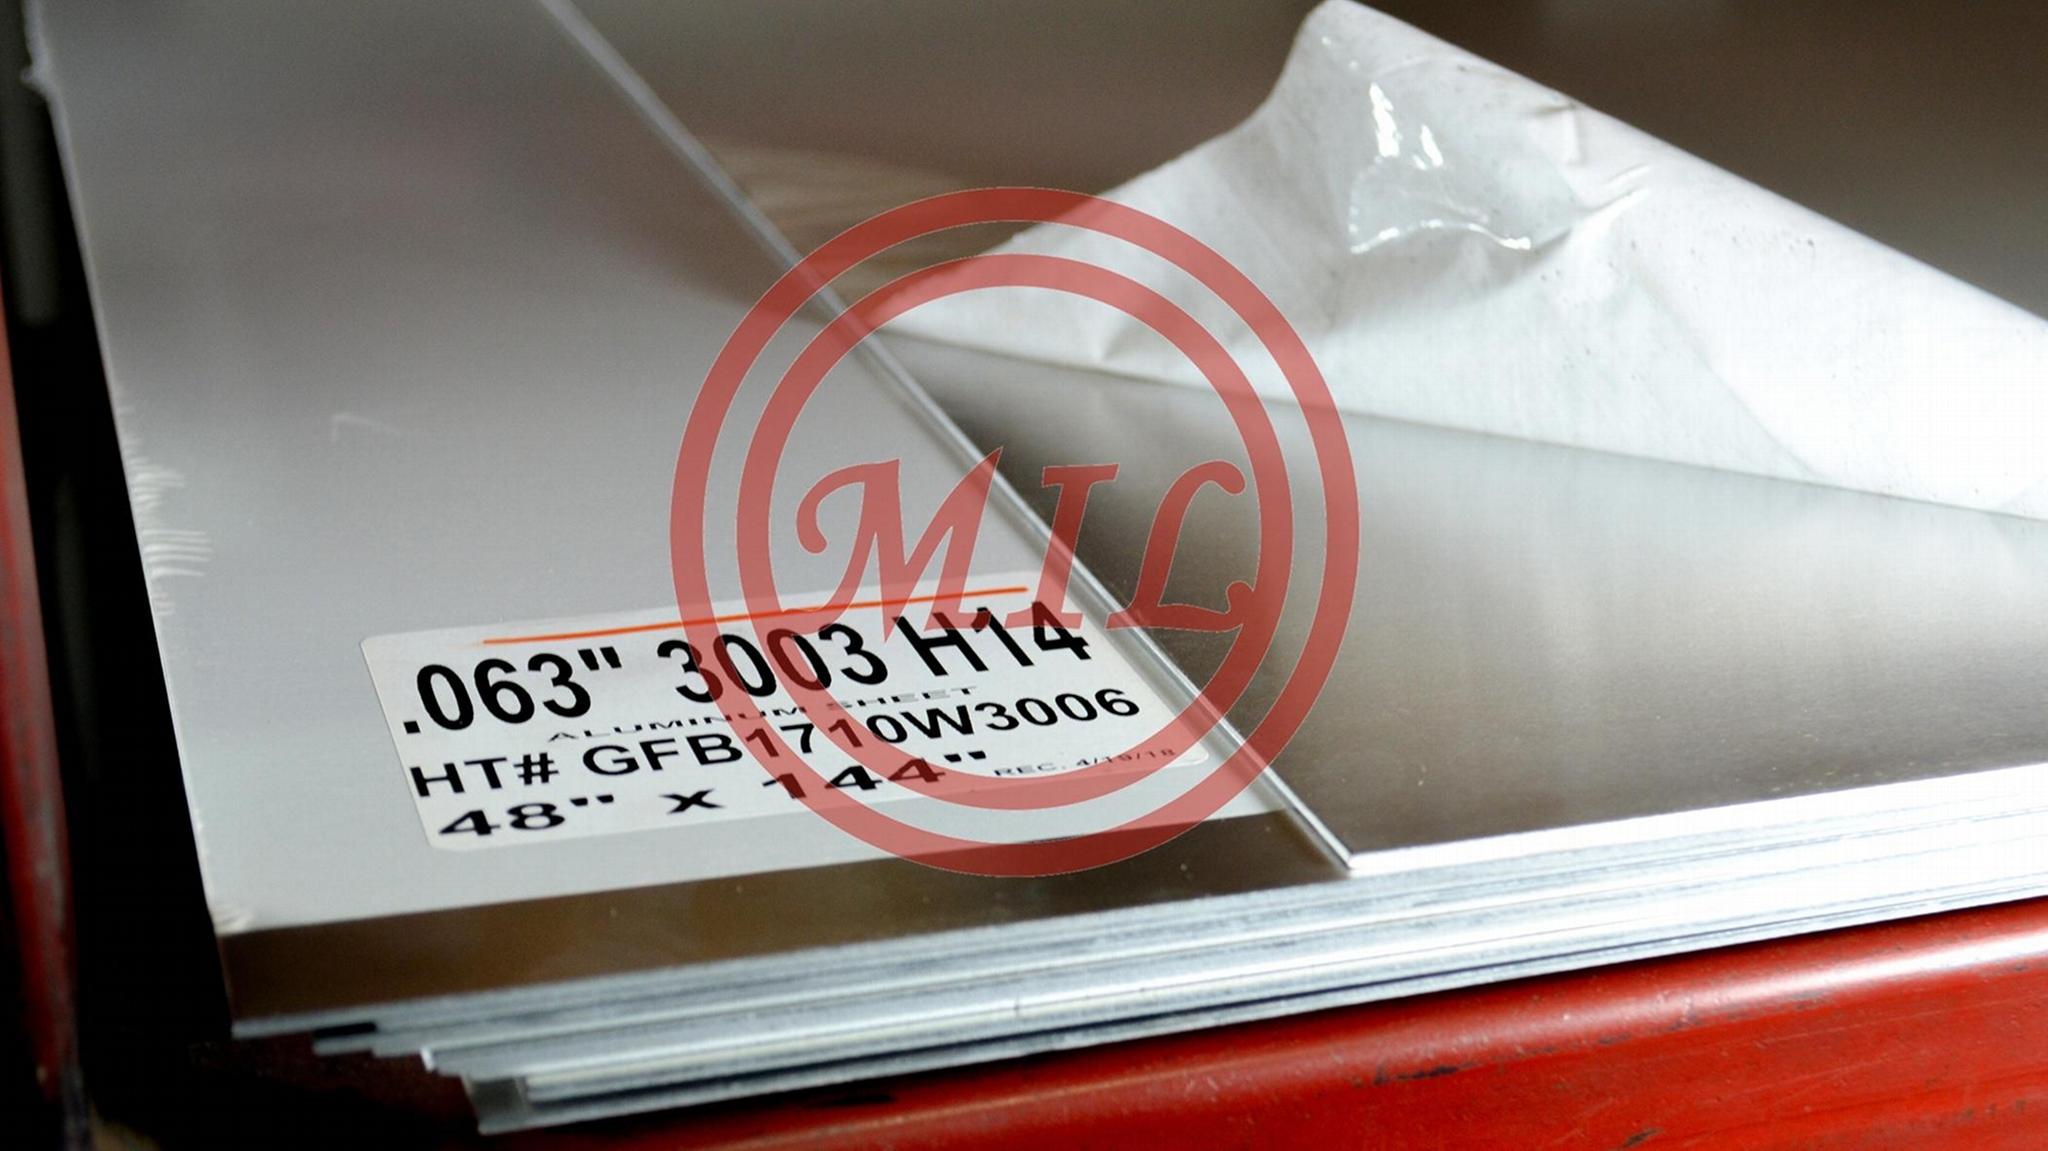 3003 H14 Aluminum Plate